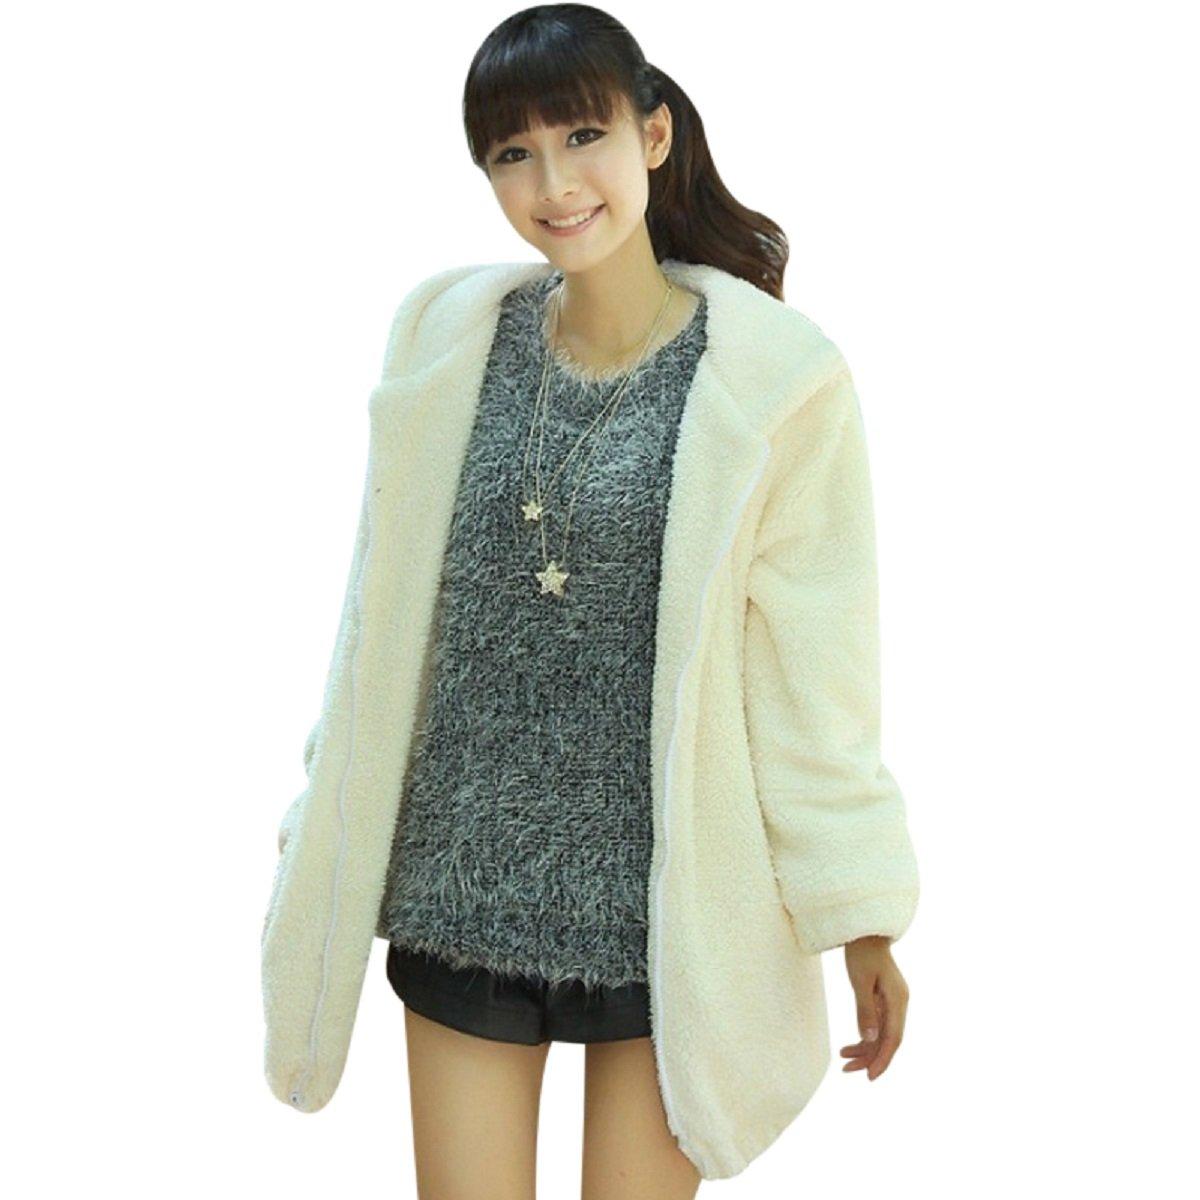 FUNOC Women's Casual Fluffy Outerwear Jacket Warm Fluffy Faux Fur Coat USC*225061102